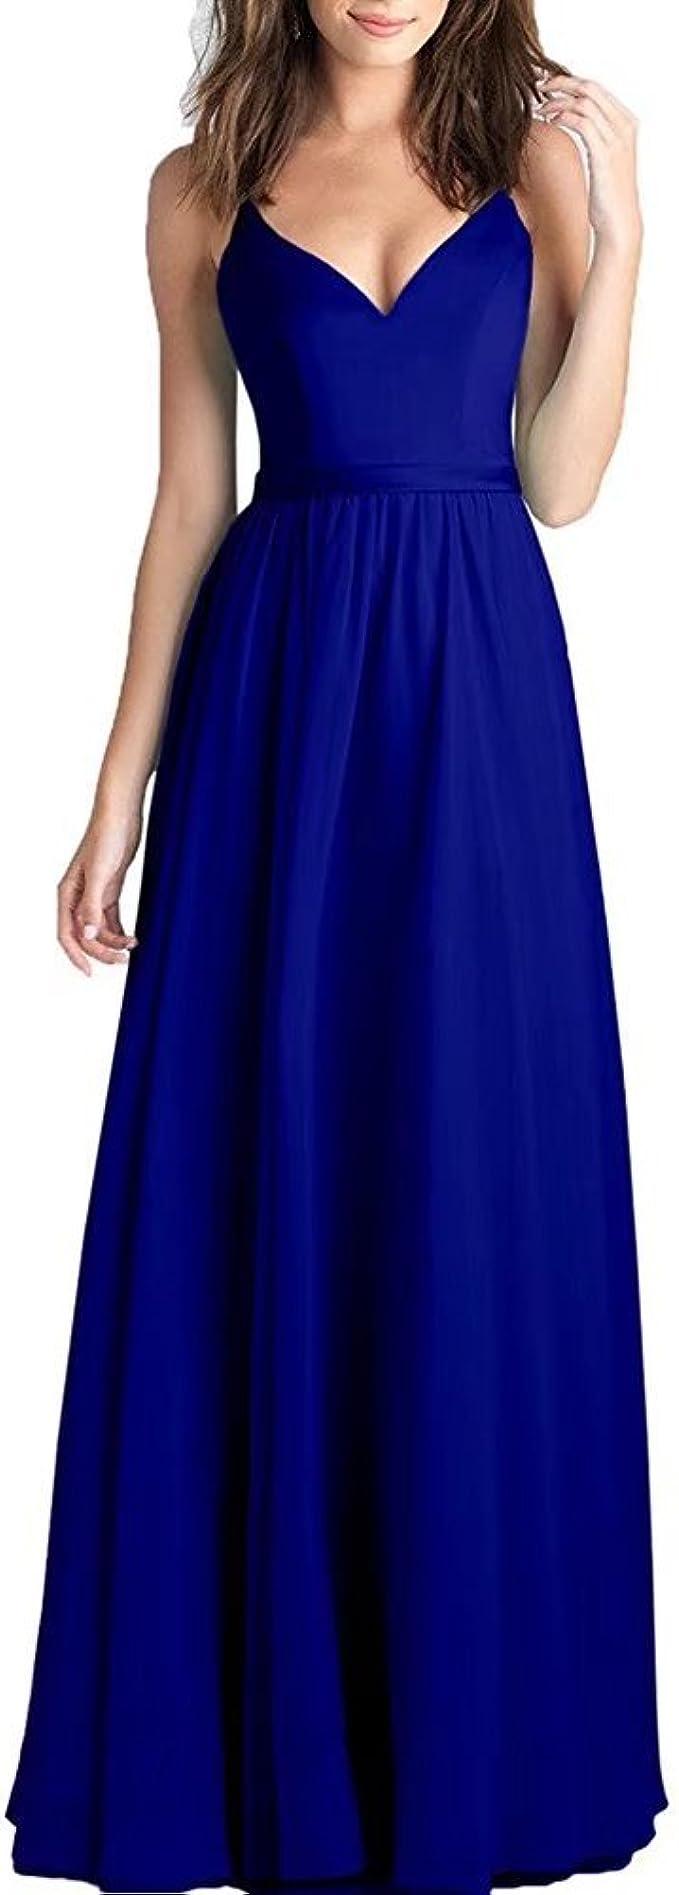 A-Linie Abendkleid Langes Damen Sommer Chiffon Langes Kleid V-Ausschnitt  Spaghetti-Träger Brautjungfer Kleid